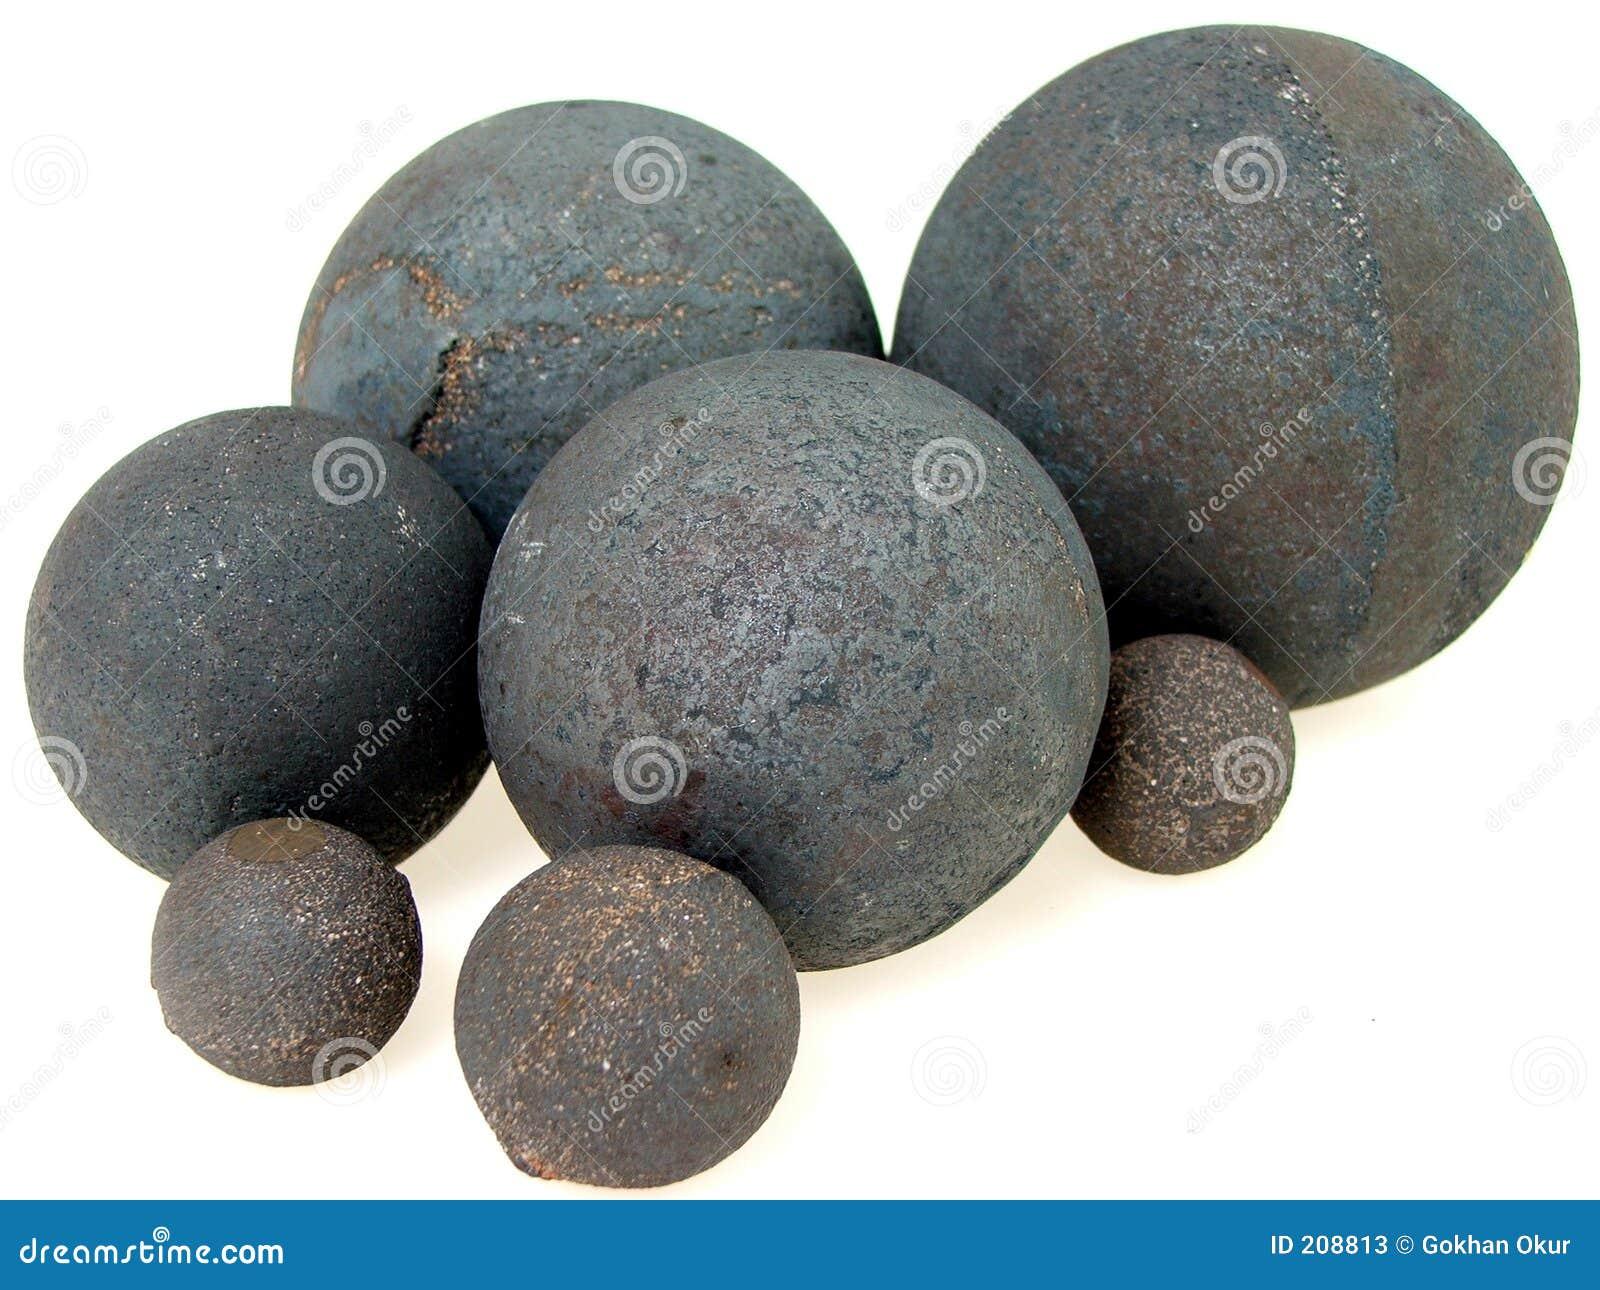 Sphere05